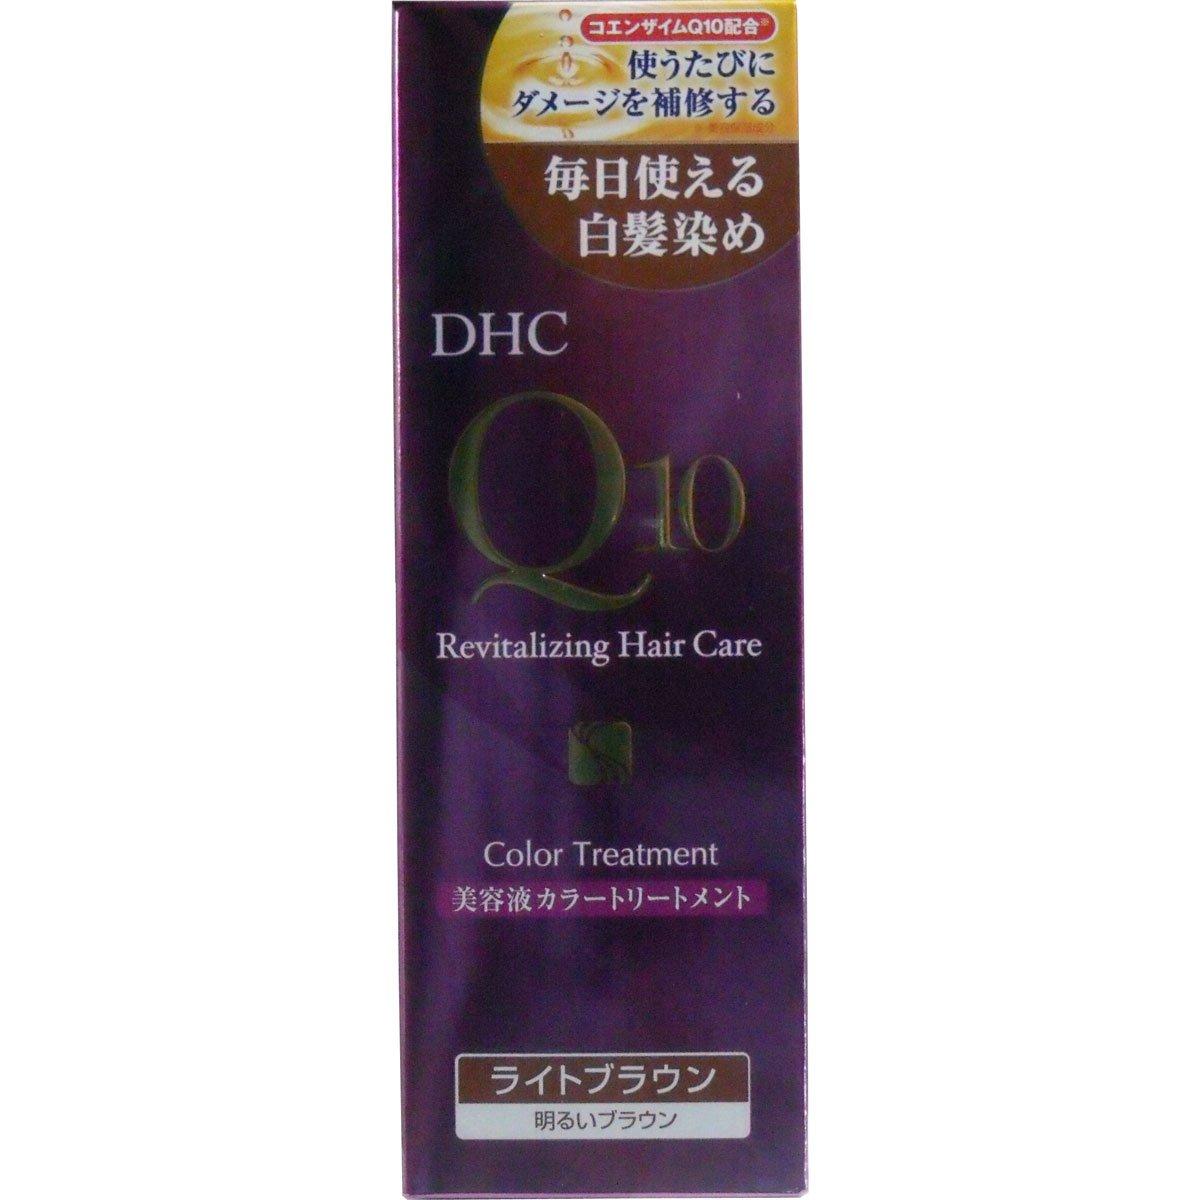 遮る合図拮抗するDHC Q10美容液 カラートリートメント ライトブラウン 170g